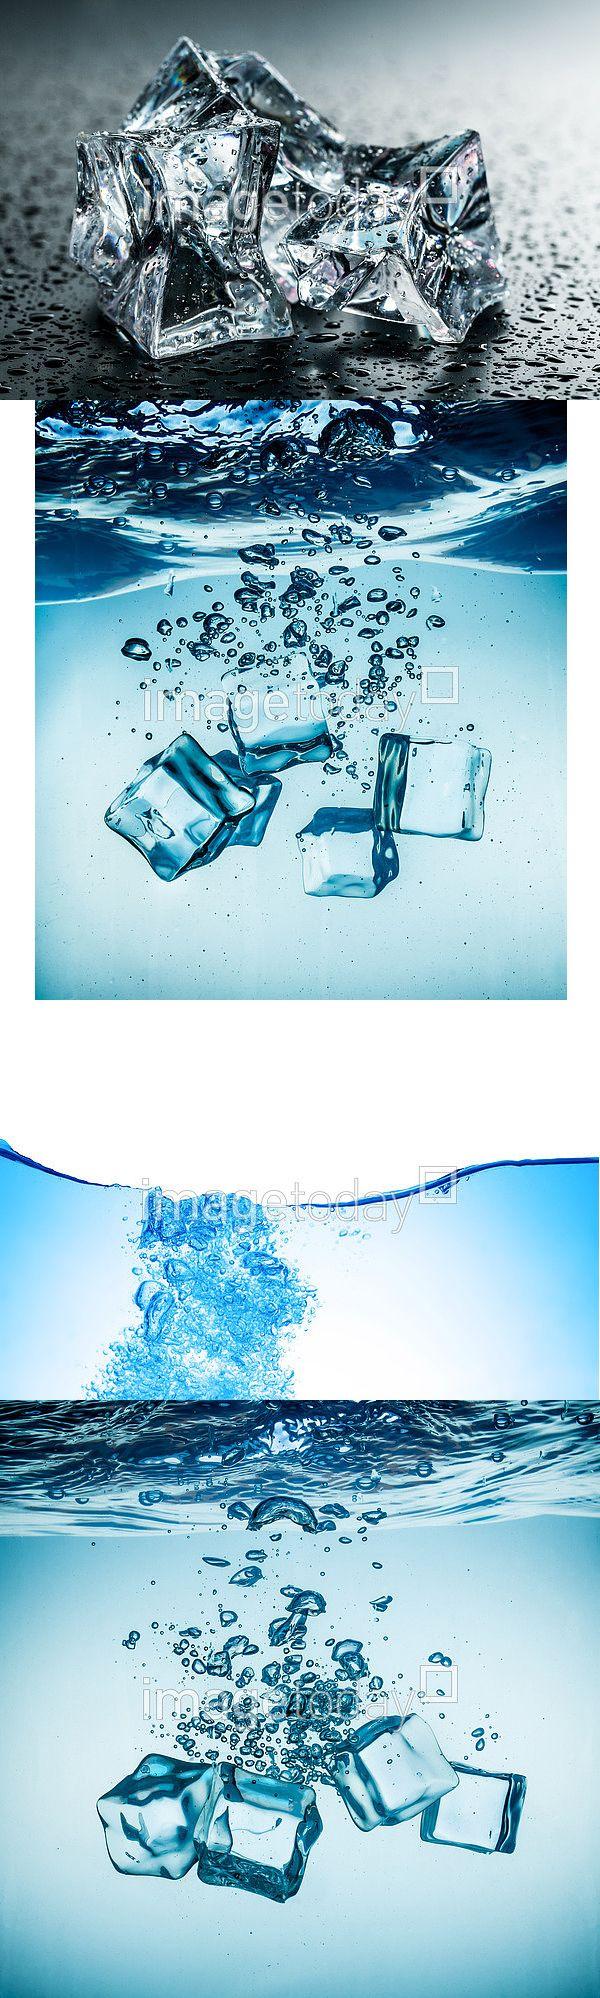 공기방울 기포 얼음 물 블루 모션 수중 오브젝트 이펙트 컨셉 실내 아웃포커스 거품 bubble air ice water object effect concept inside outfocus photo  #이미지투데이 #클립아트코리아 #통로이미지 #imagetoday #clipartkorea #tongroimages